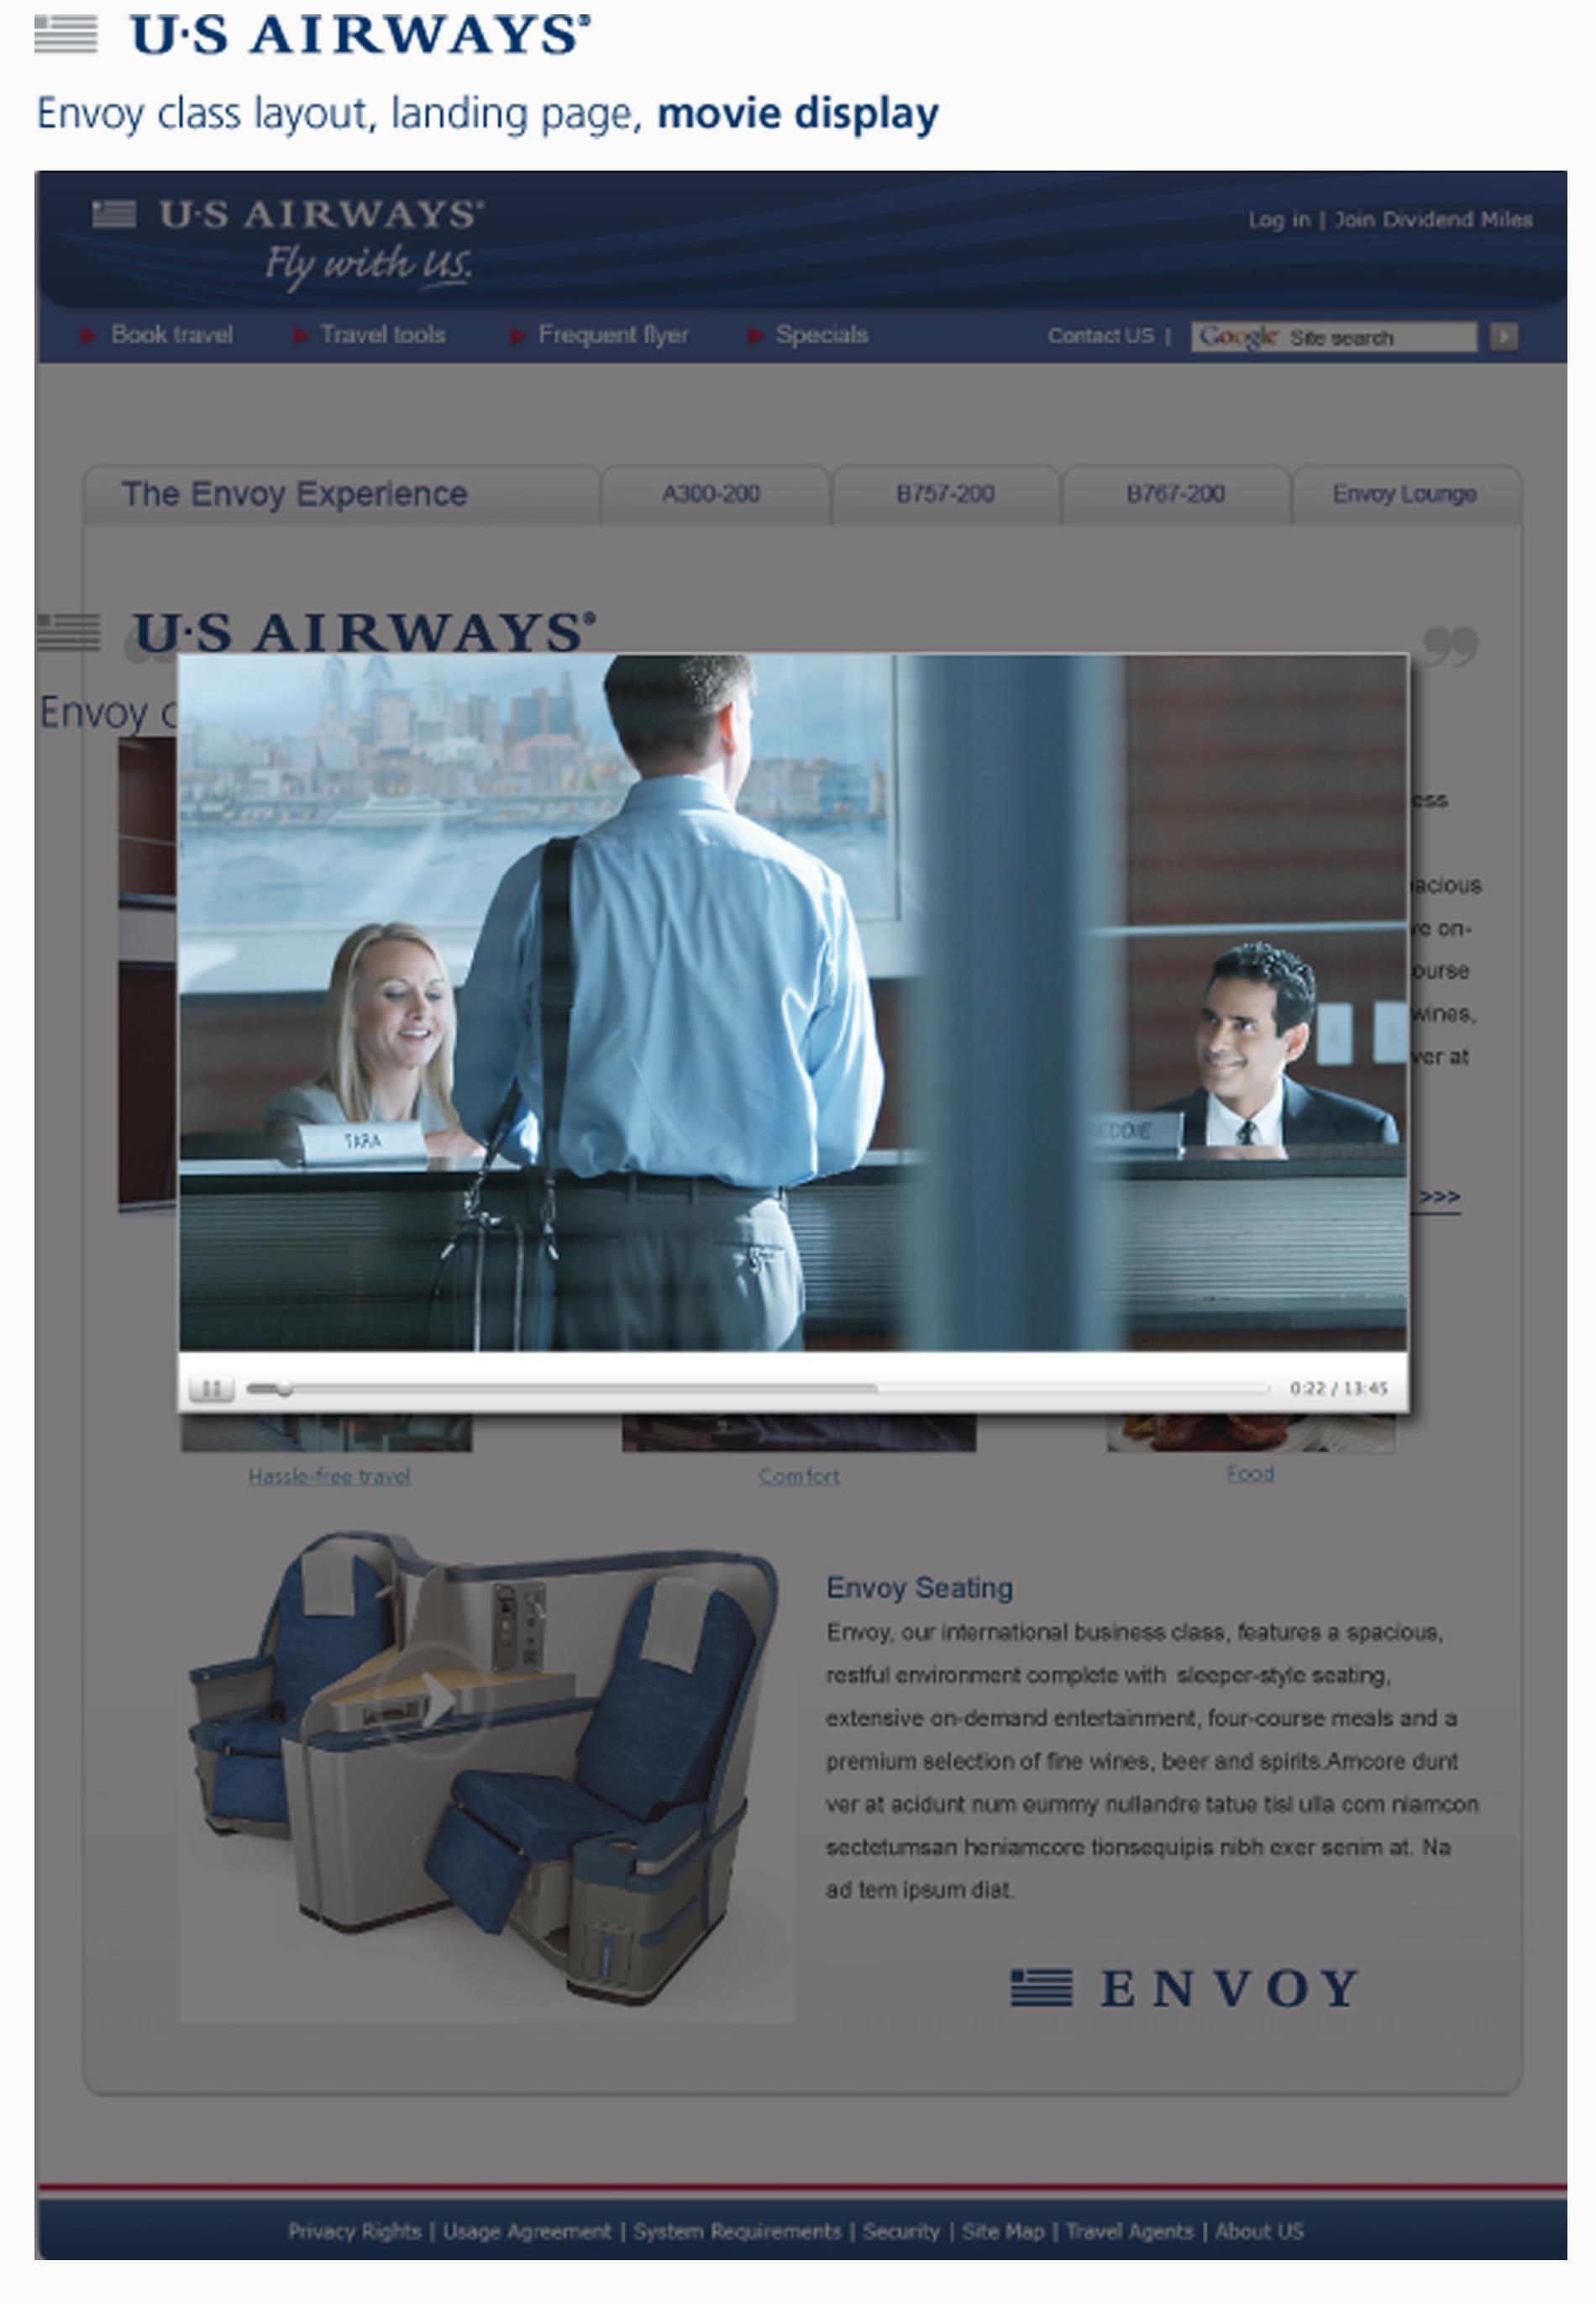 UI-Design-for-Envoy-Landing-Page-2.jpg